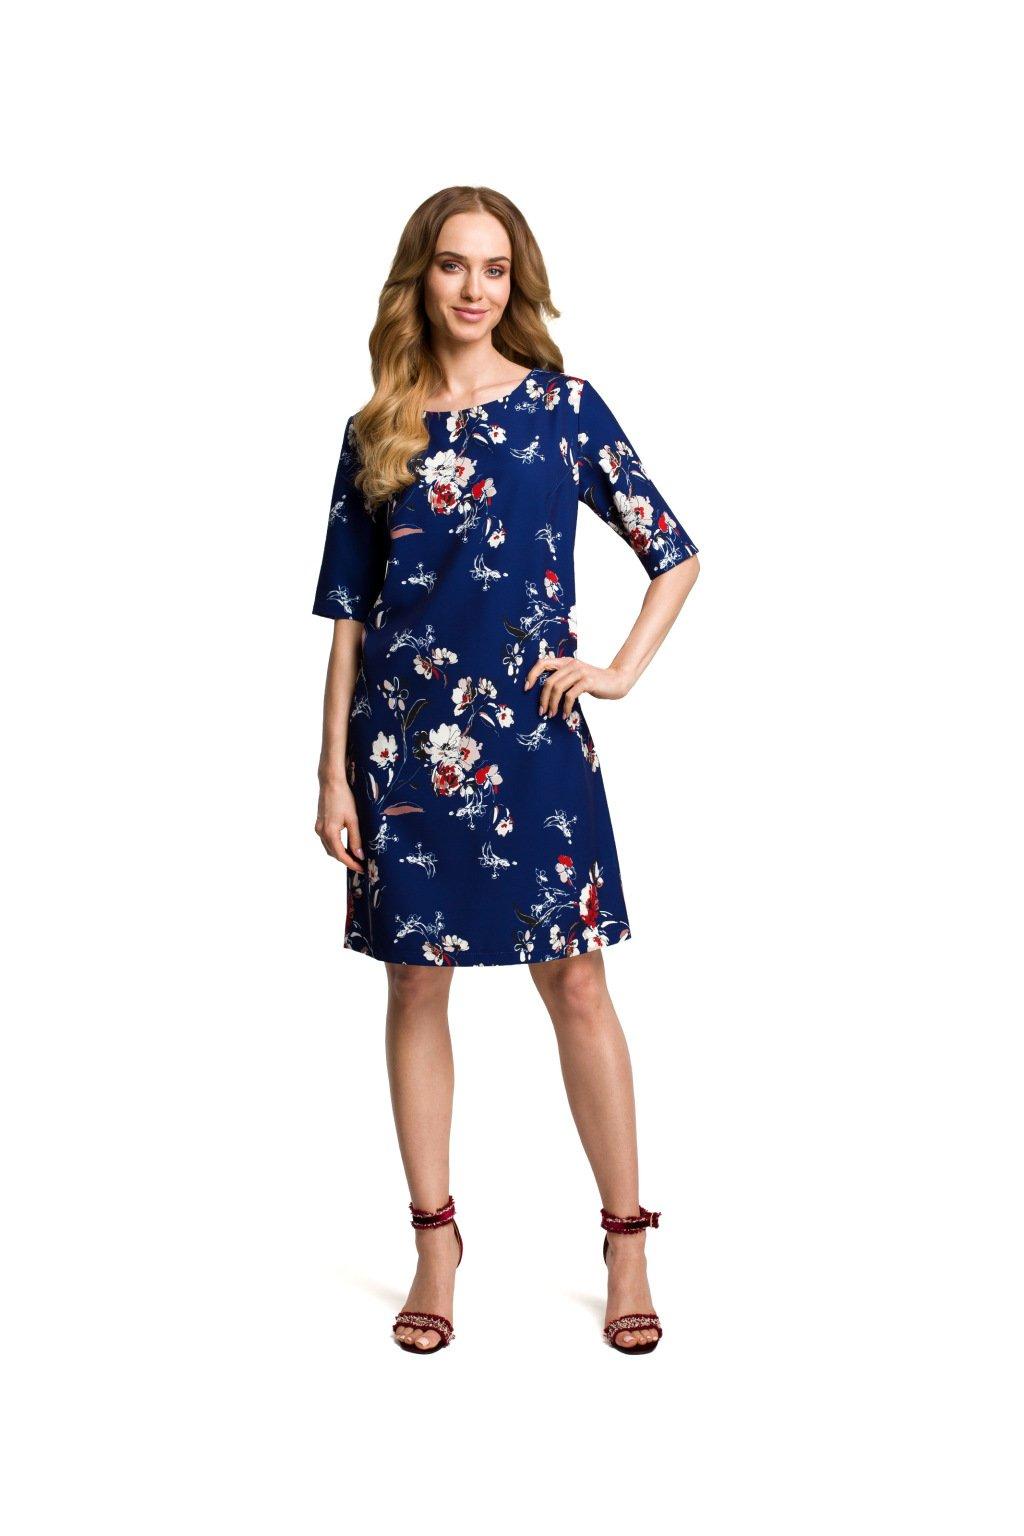 9e2dacd9e91 Dámské letní šaty MOE 379 modré - SD-Fashion.cz